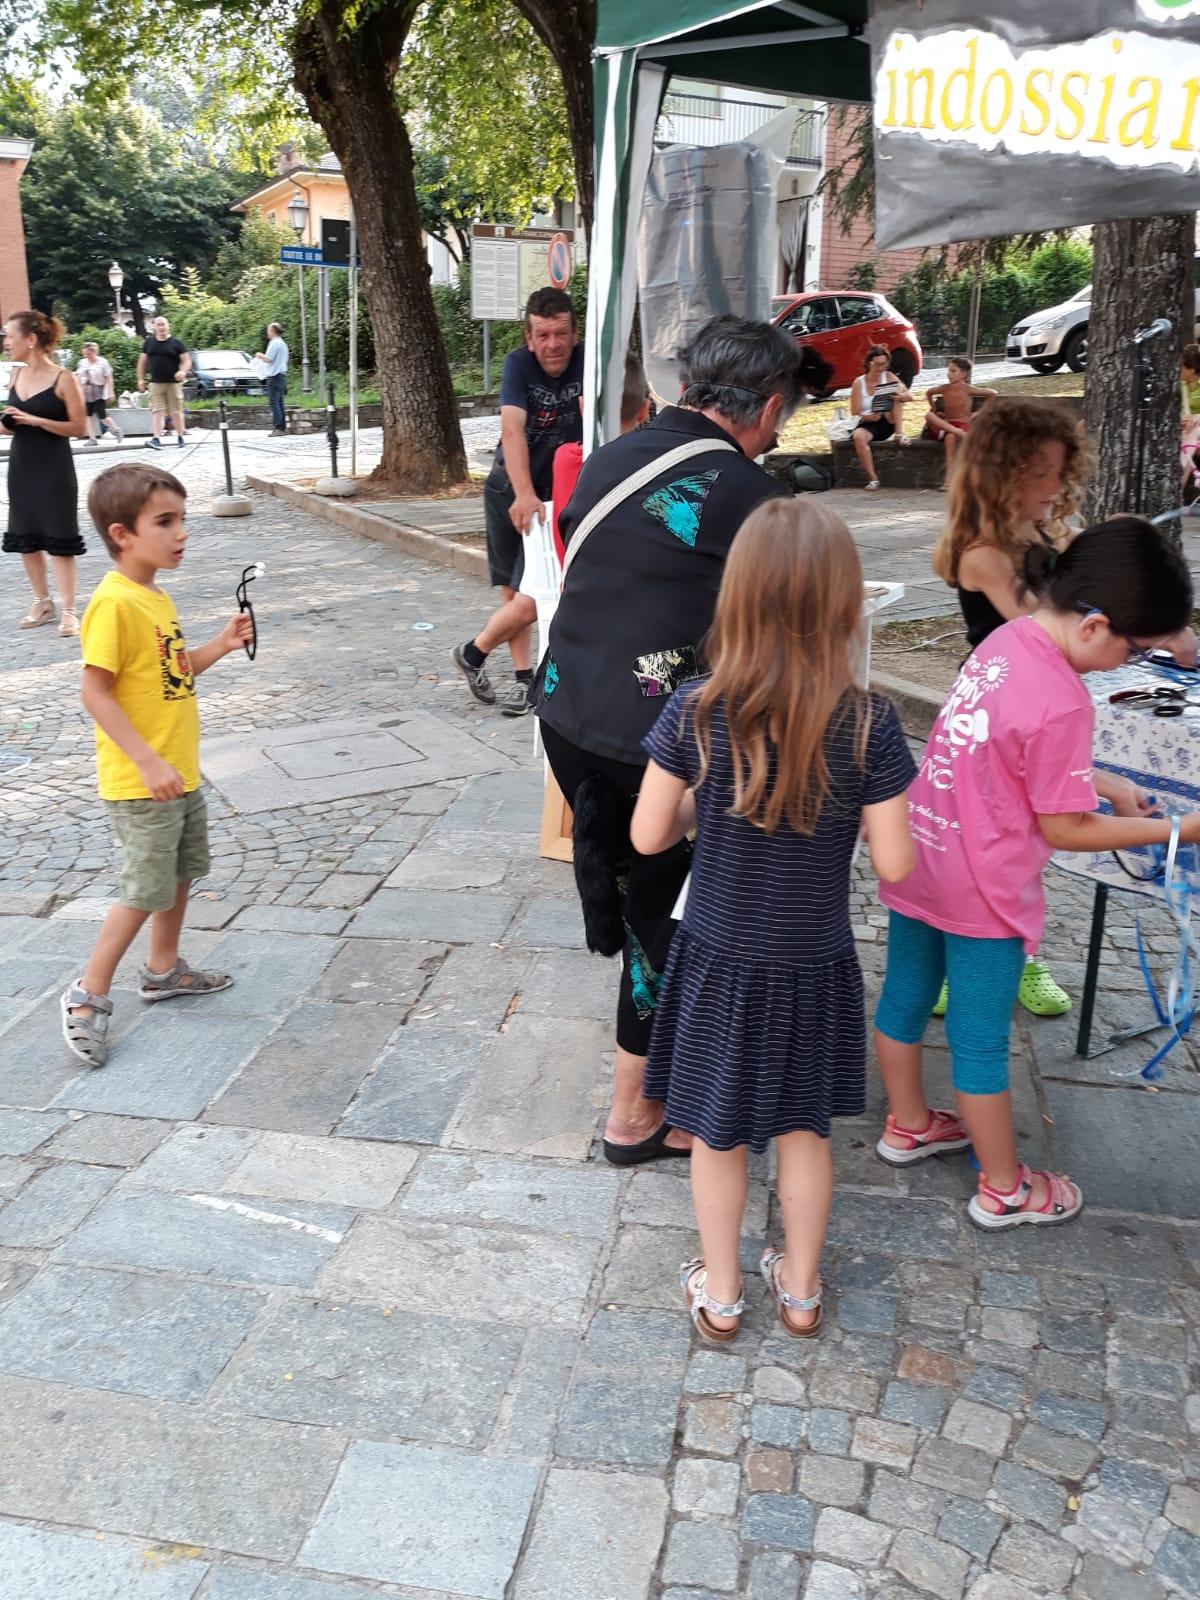 """TRAVO  14 luglio 2018 dalle ore 17,00 alle ore 18,30  """"LA FIABA DEI GRILLI TRICICLI""""  in piazza con i grilli tricicli e tanti giochi di una volta"""